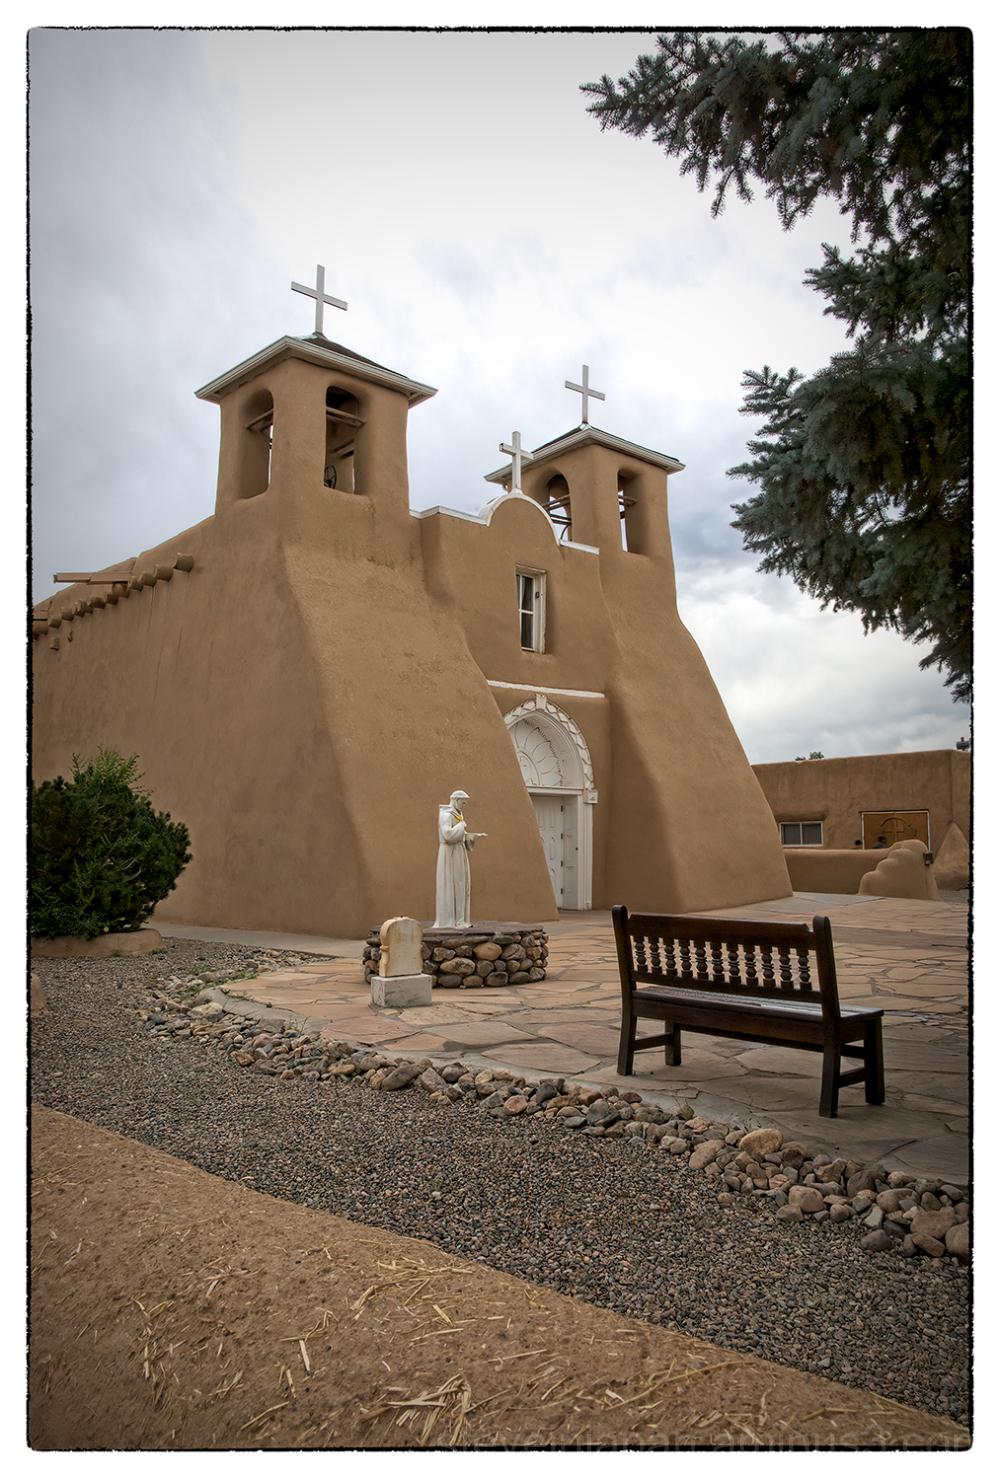 A church in Ranchos de Taos, New Mexico.